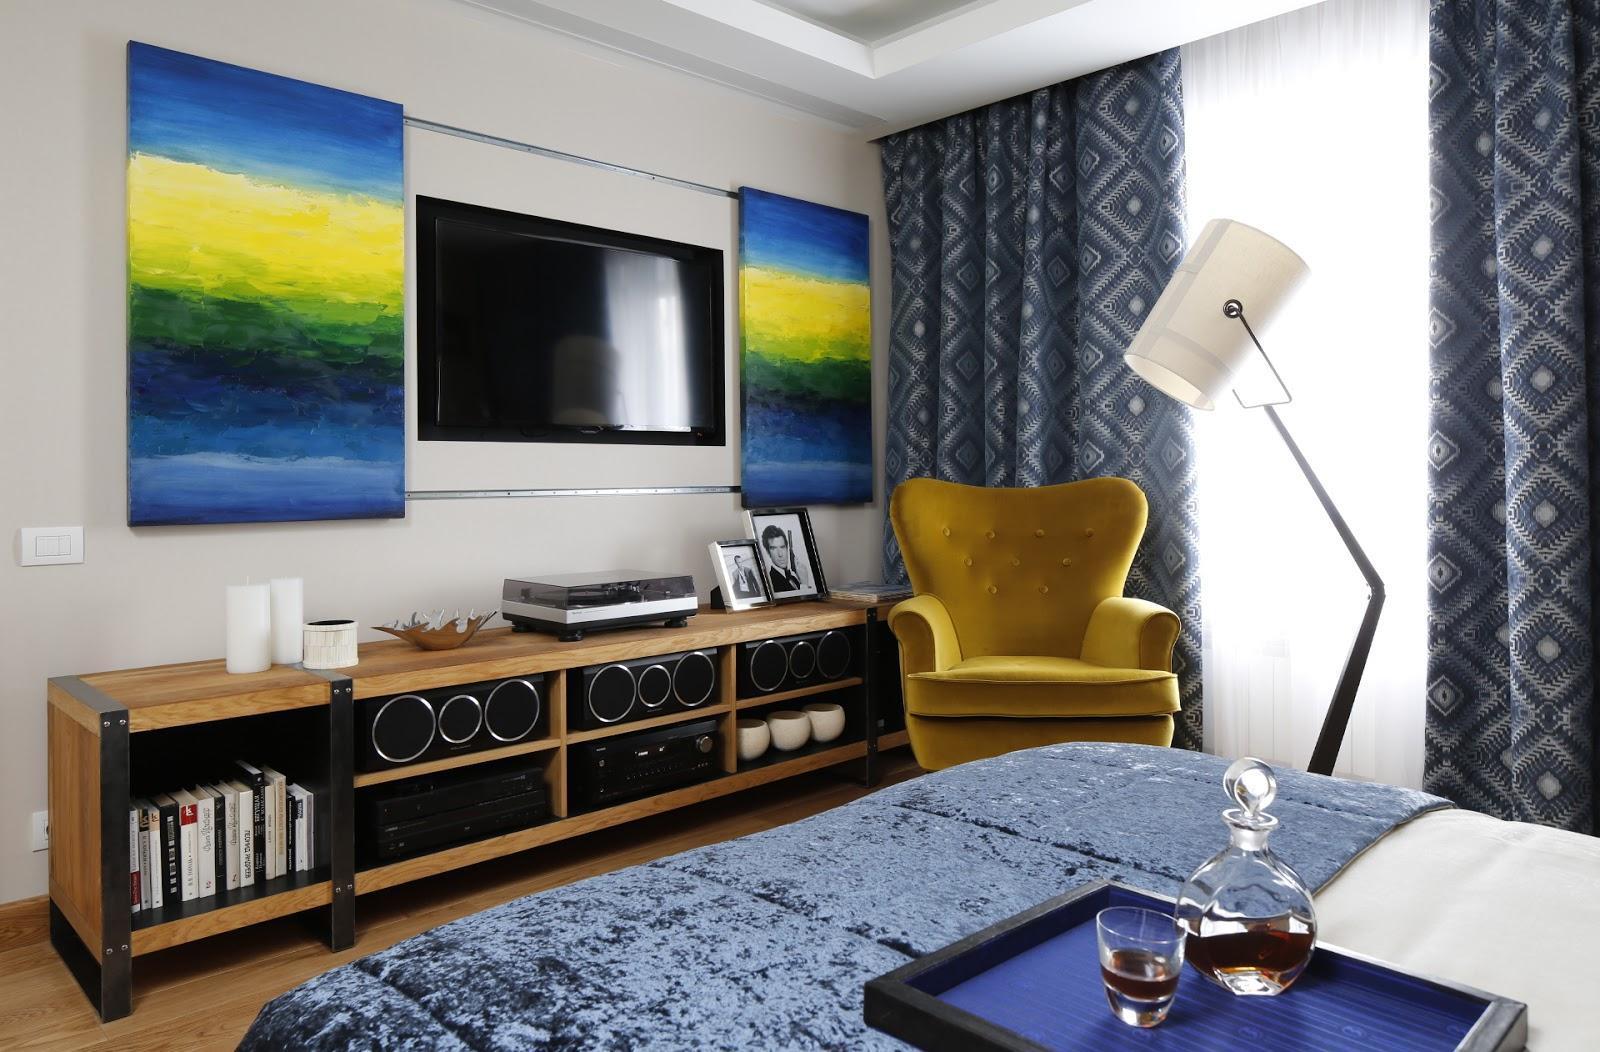 Яркие картины и телевизор в спальне